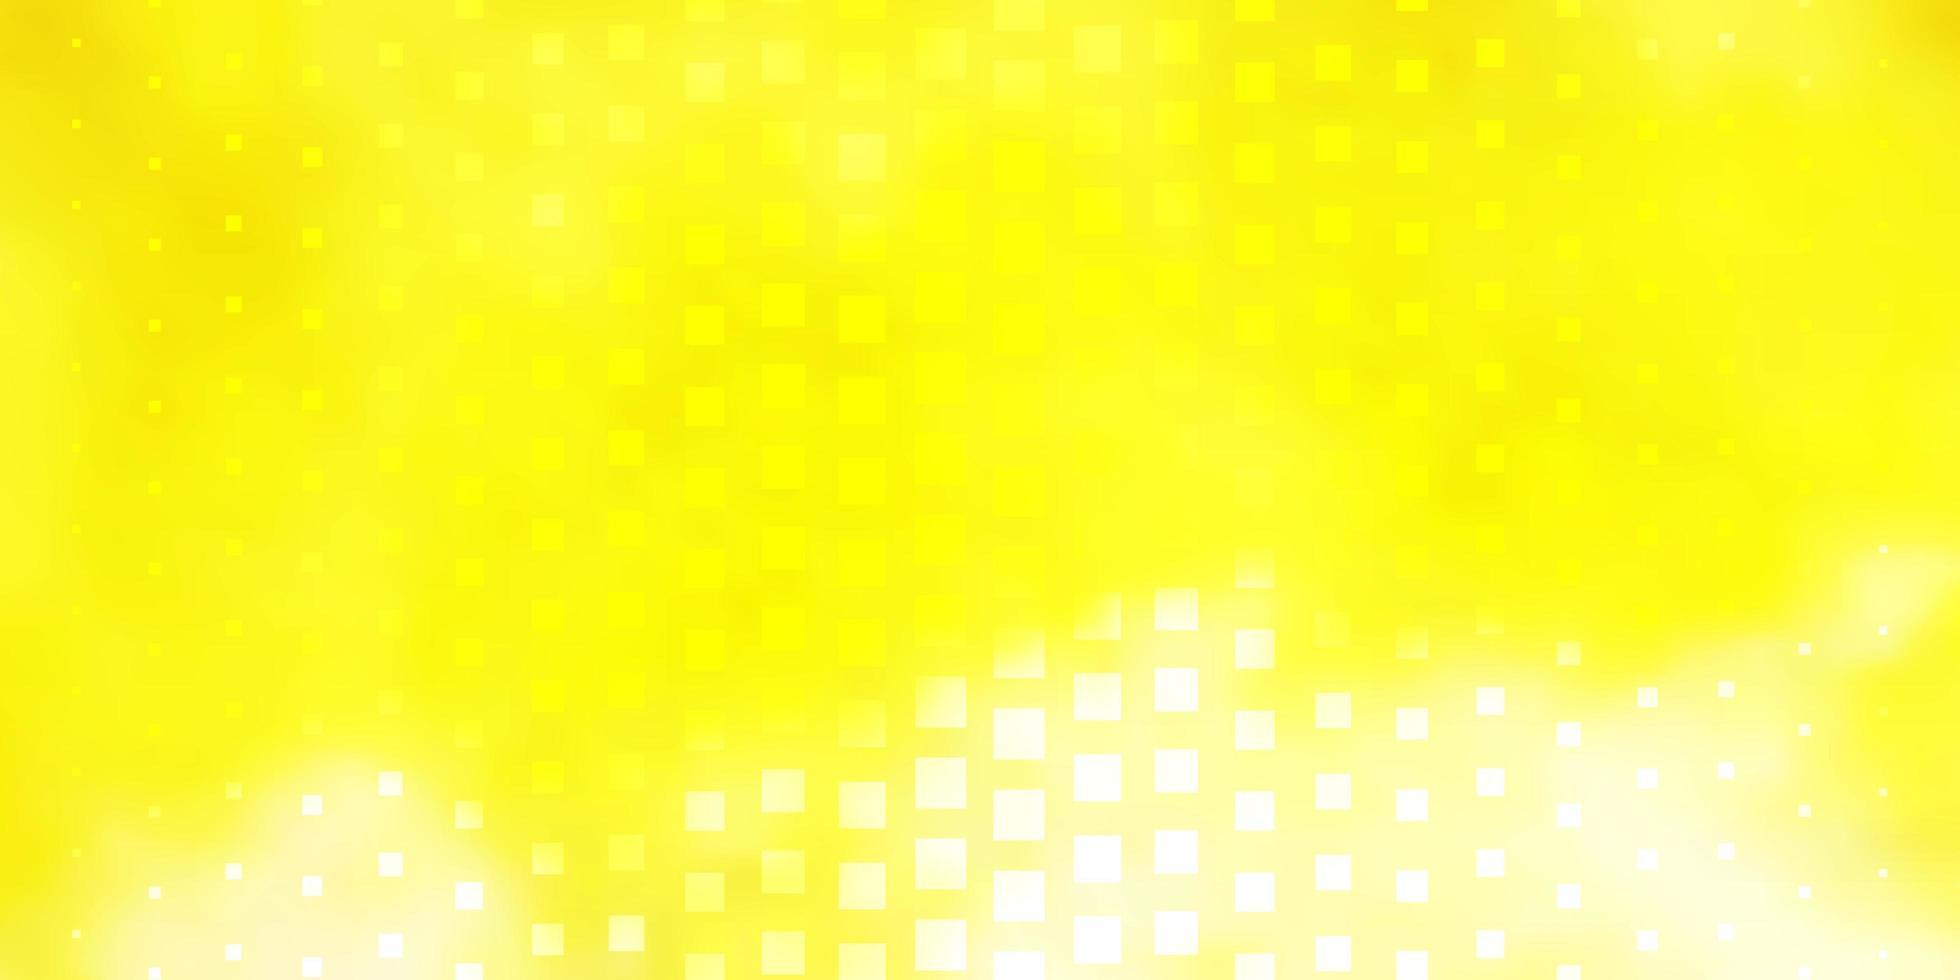 lichtgeel vectorpatroon in vierkante stijl. vector